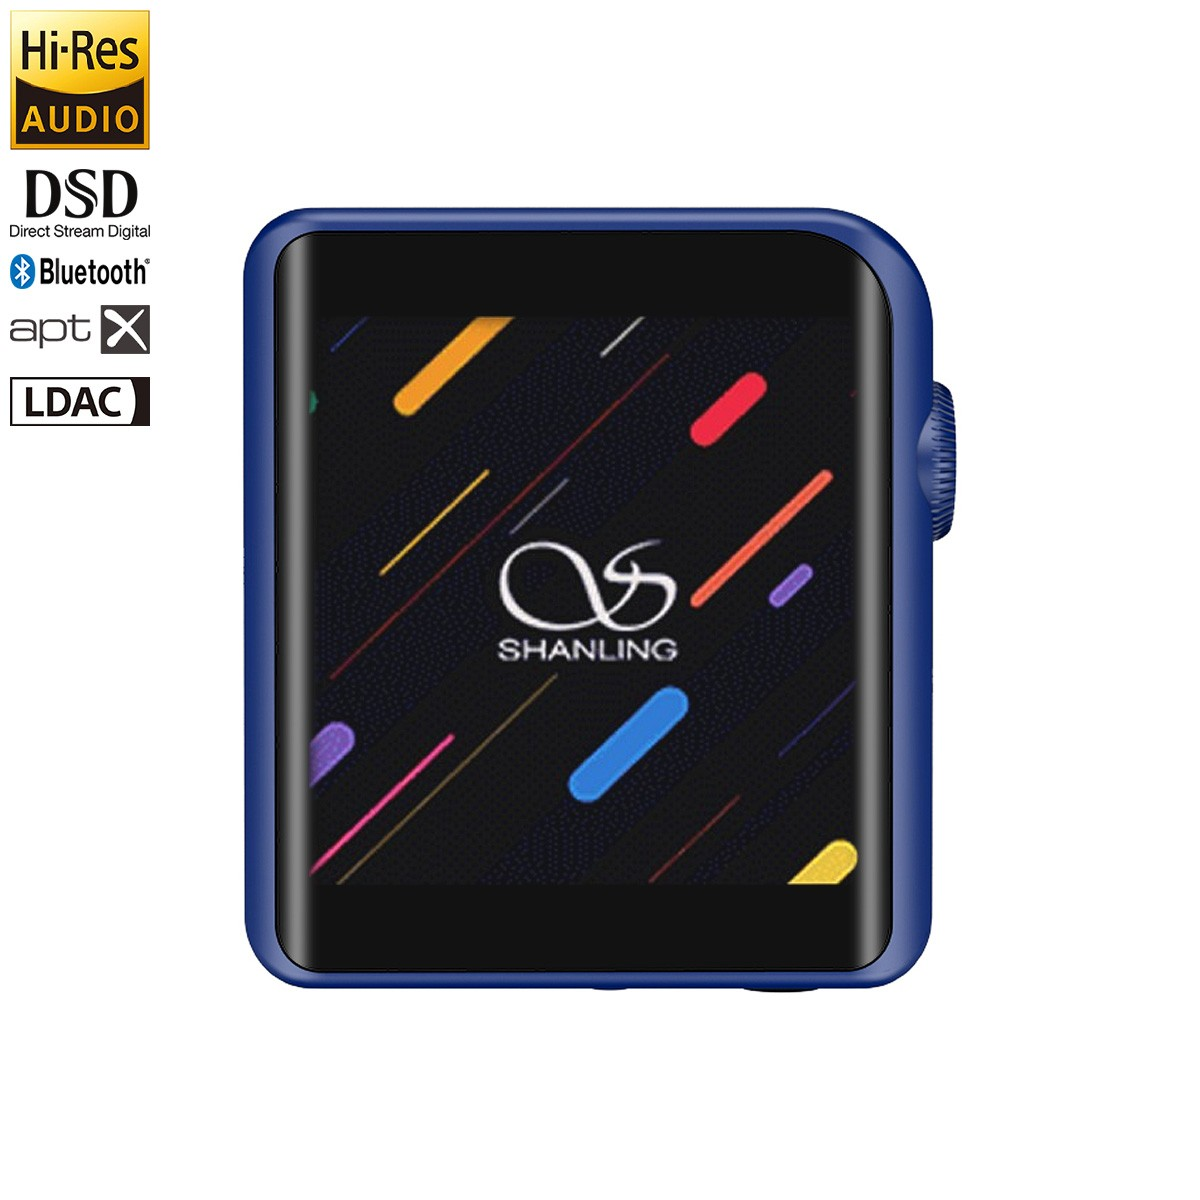 SHANLING M0 DAP Baladeur Numérique HiFi Compact DAC ES9218P 32bit 384kHz DSD Bleu